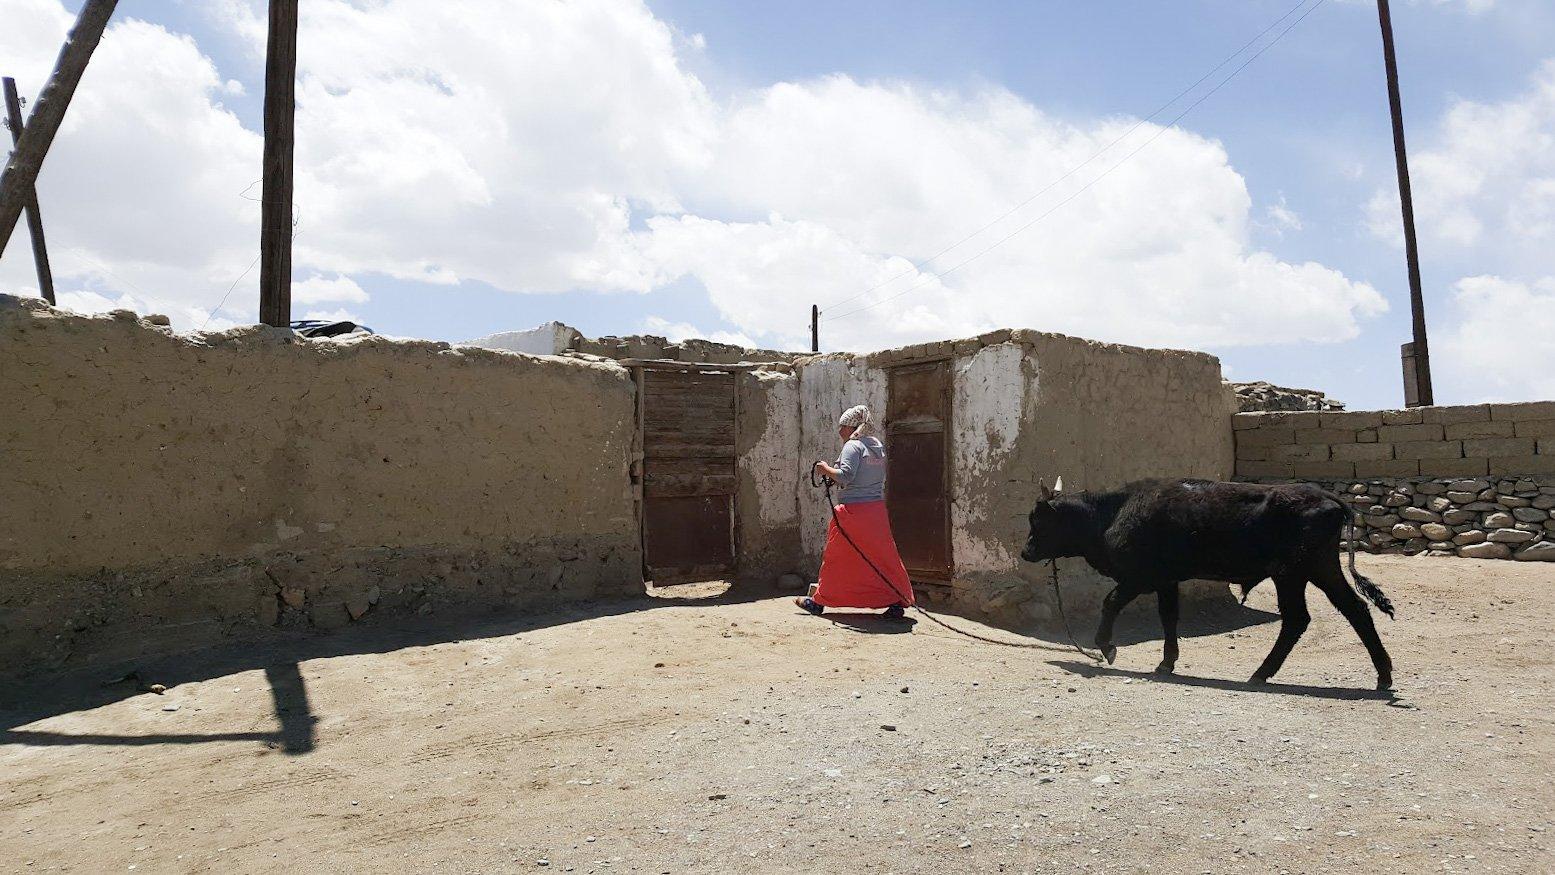 Tadzikistan Kirgisia Pamir vuoristo